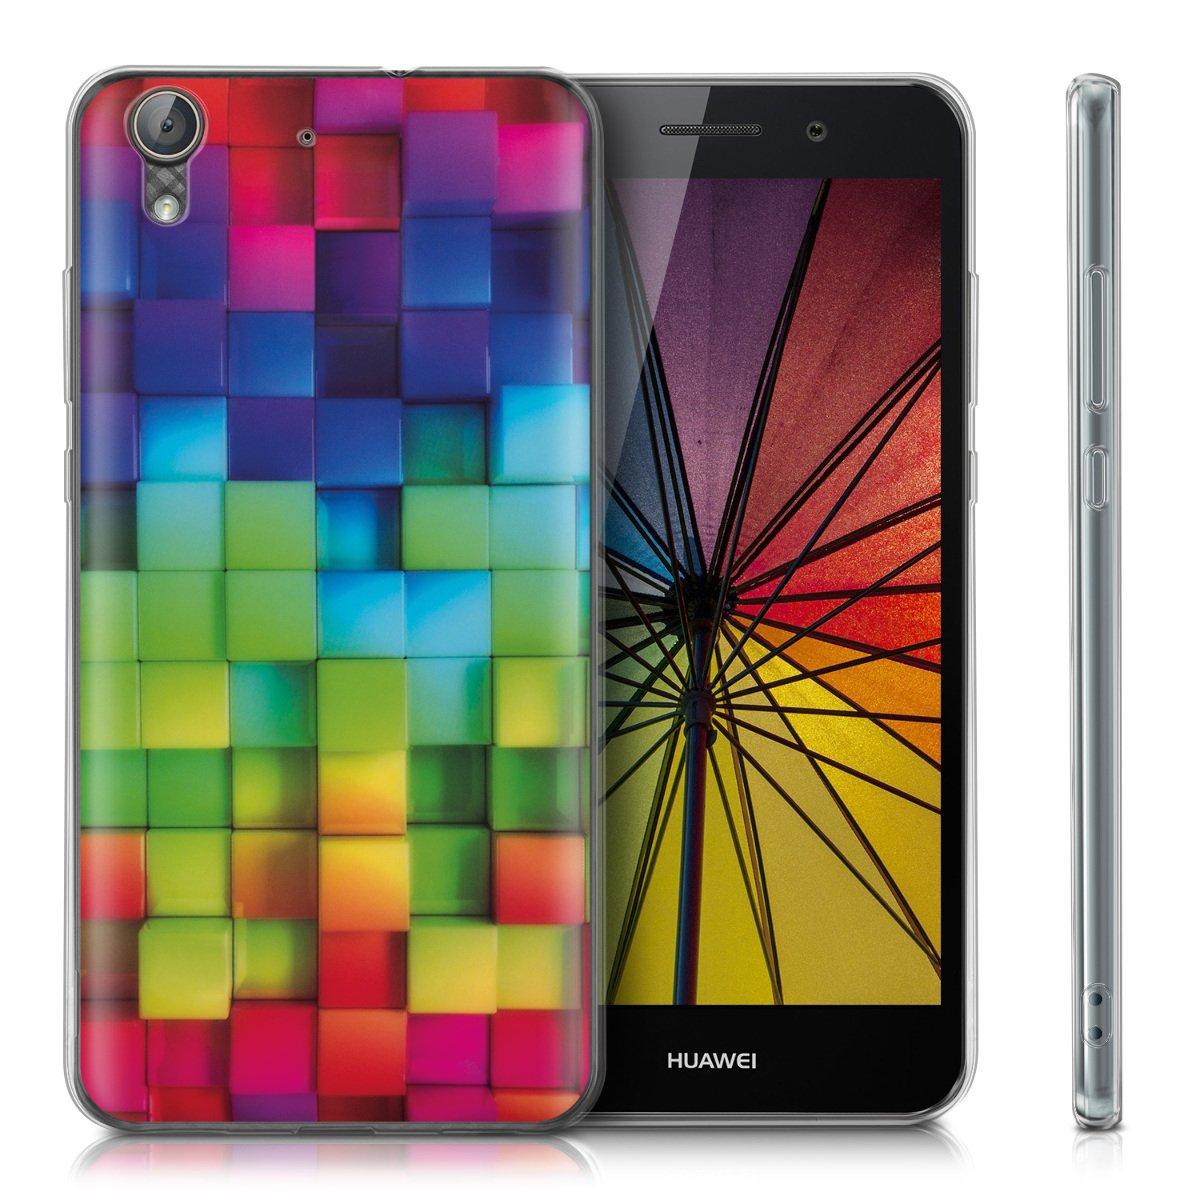 kwmobile Funda para Huawei Y6 II - Carcasa de TPU para móvil y diseño de Cubos de Colores en Multicolor/Verde/Azul